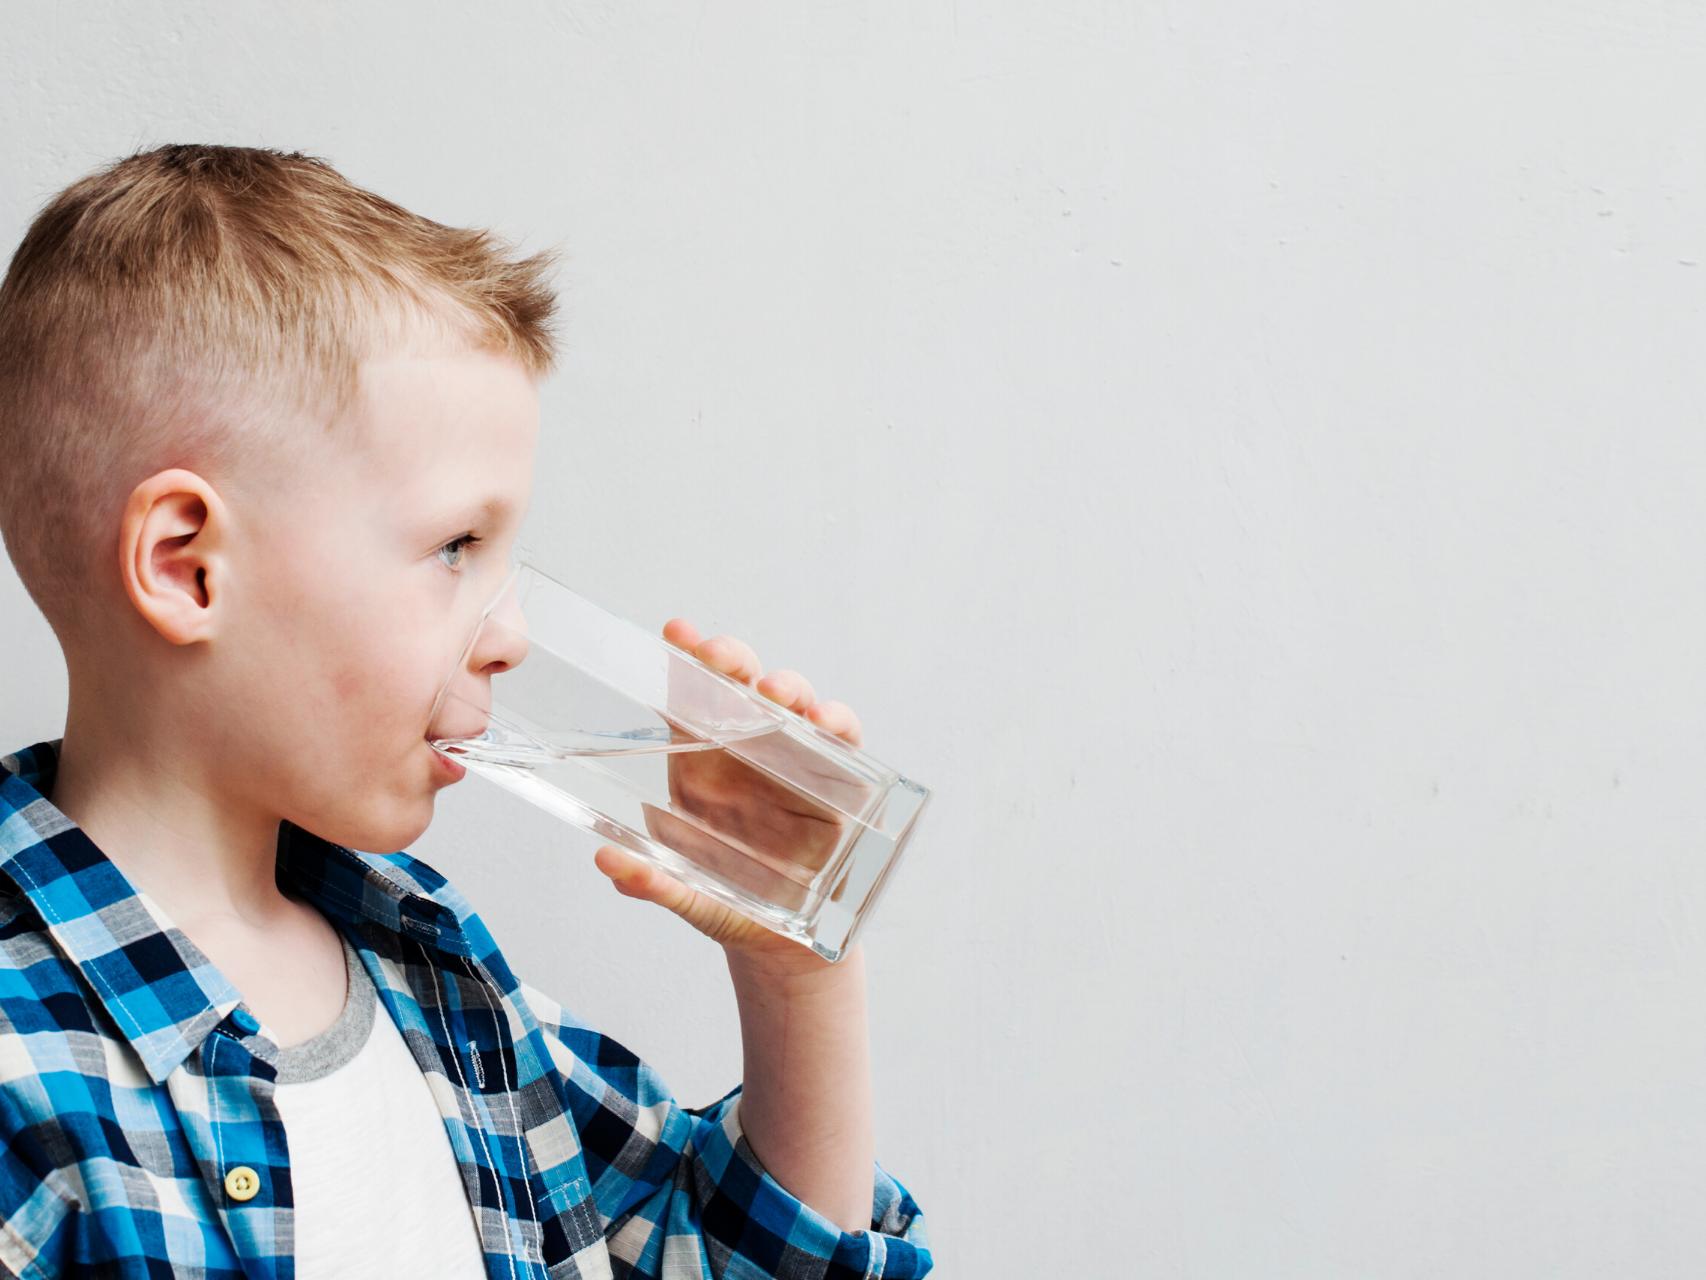 【初心者向け】なぜ、取り付けるの?子育てママが知らない浄水器の効果を簡単に解説